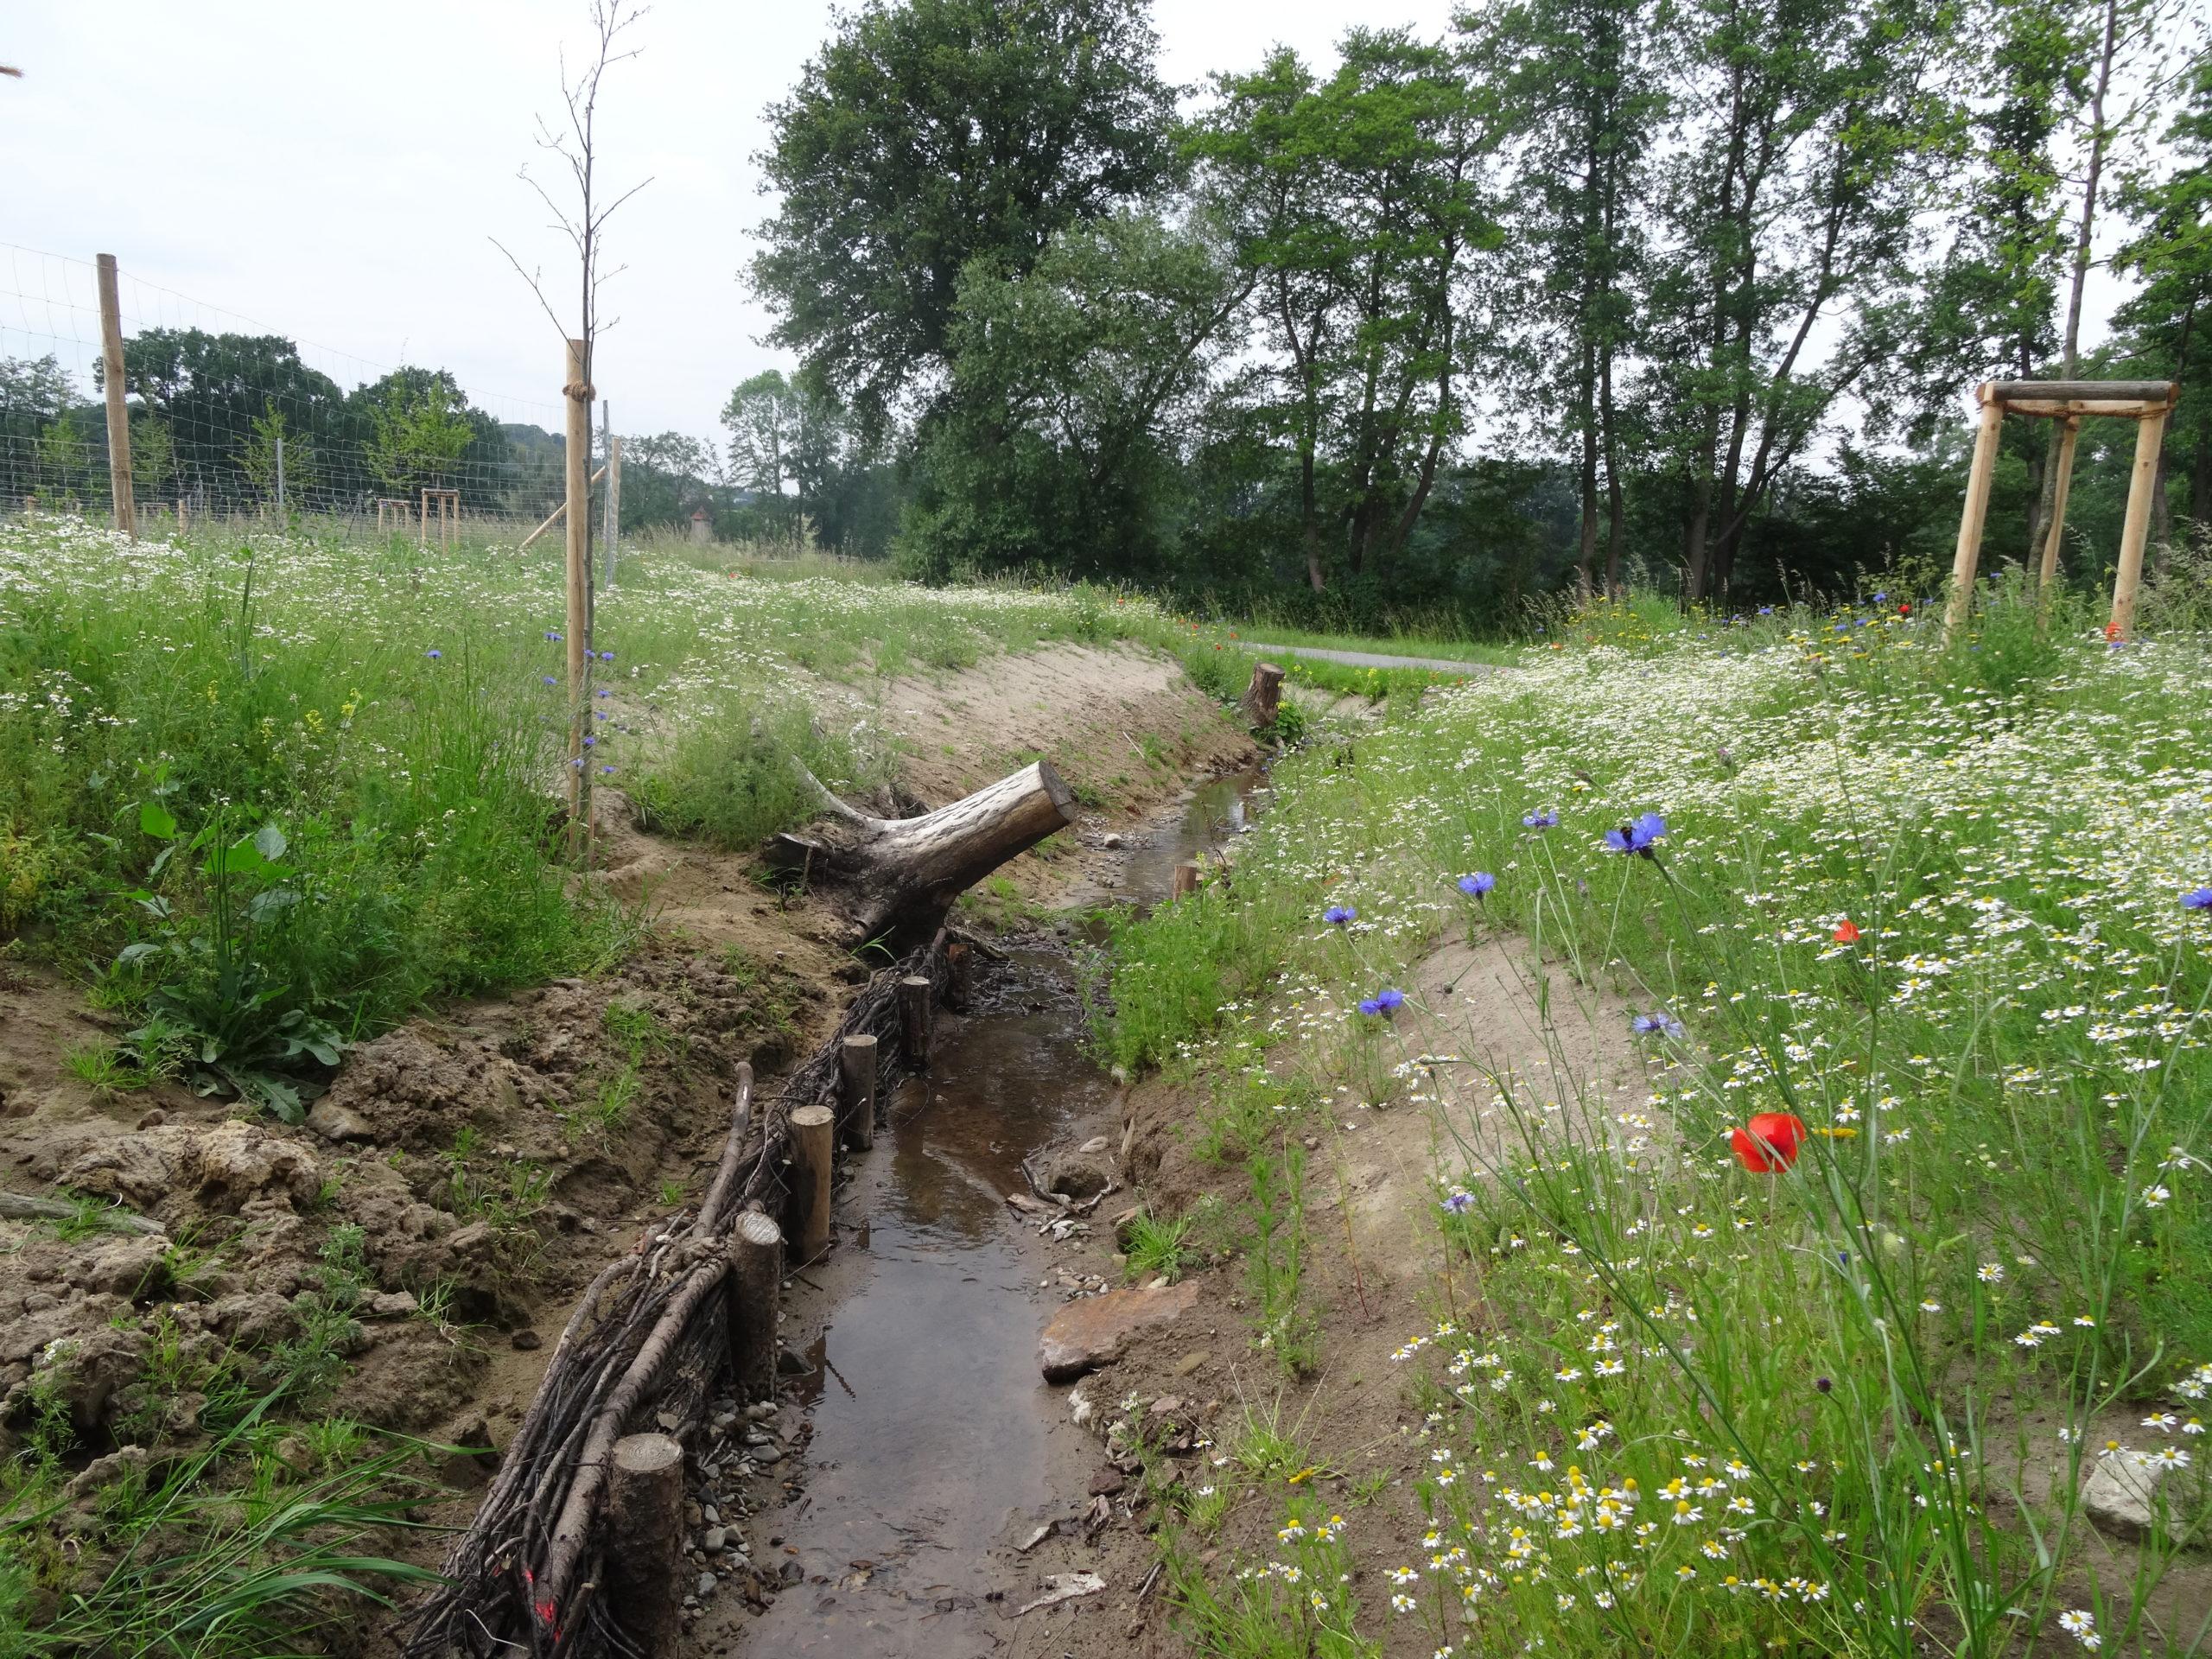 Blick in Fließrichtung des neu gestalteten Gewässerverlaufs. Es wurden vereinzelt Erlen gepflanzt und die Böschungen mit regionalem Saatgut eingesät